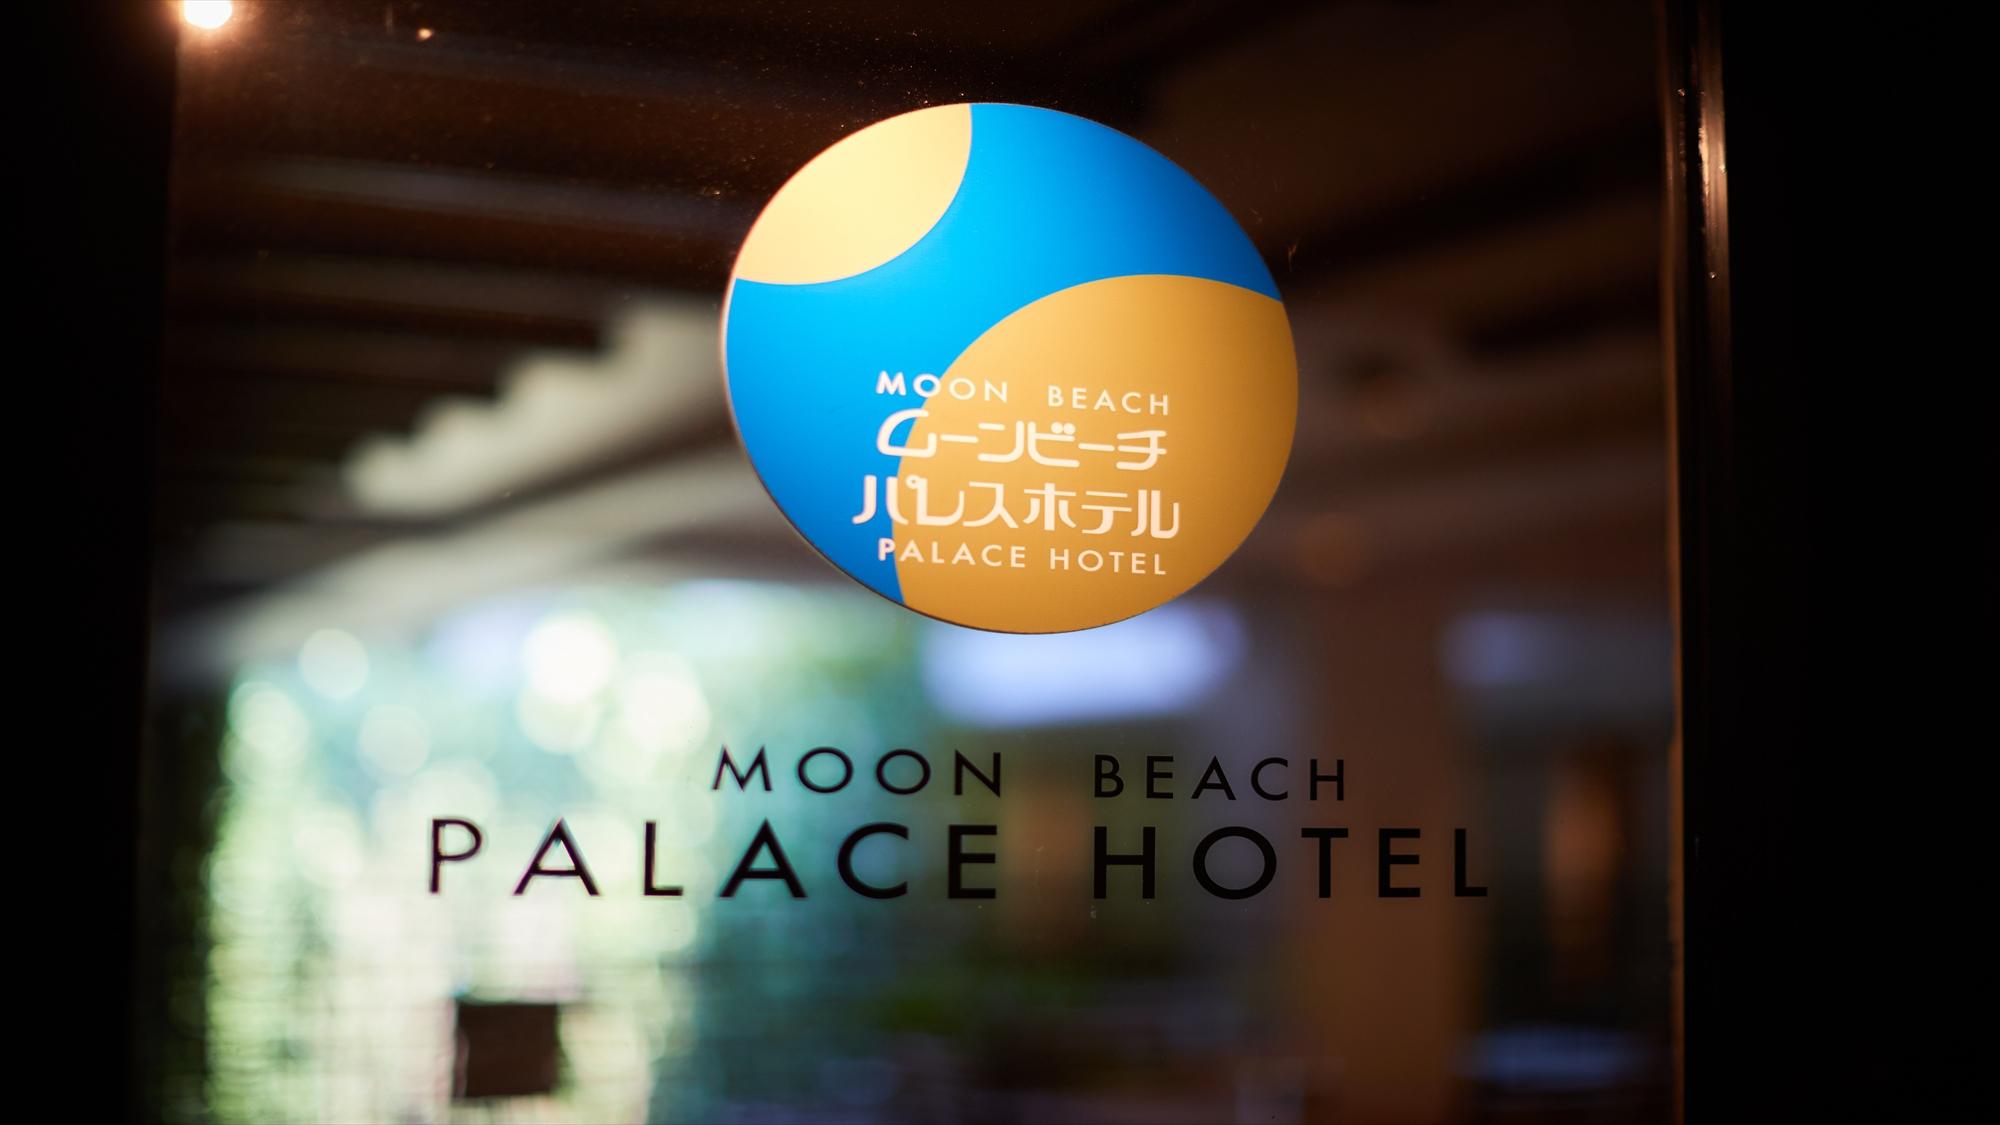 ムーンビーチパレスホテルは「ホテルムーンビーチ」さんの3F部分にあります